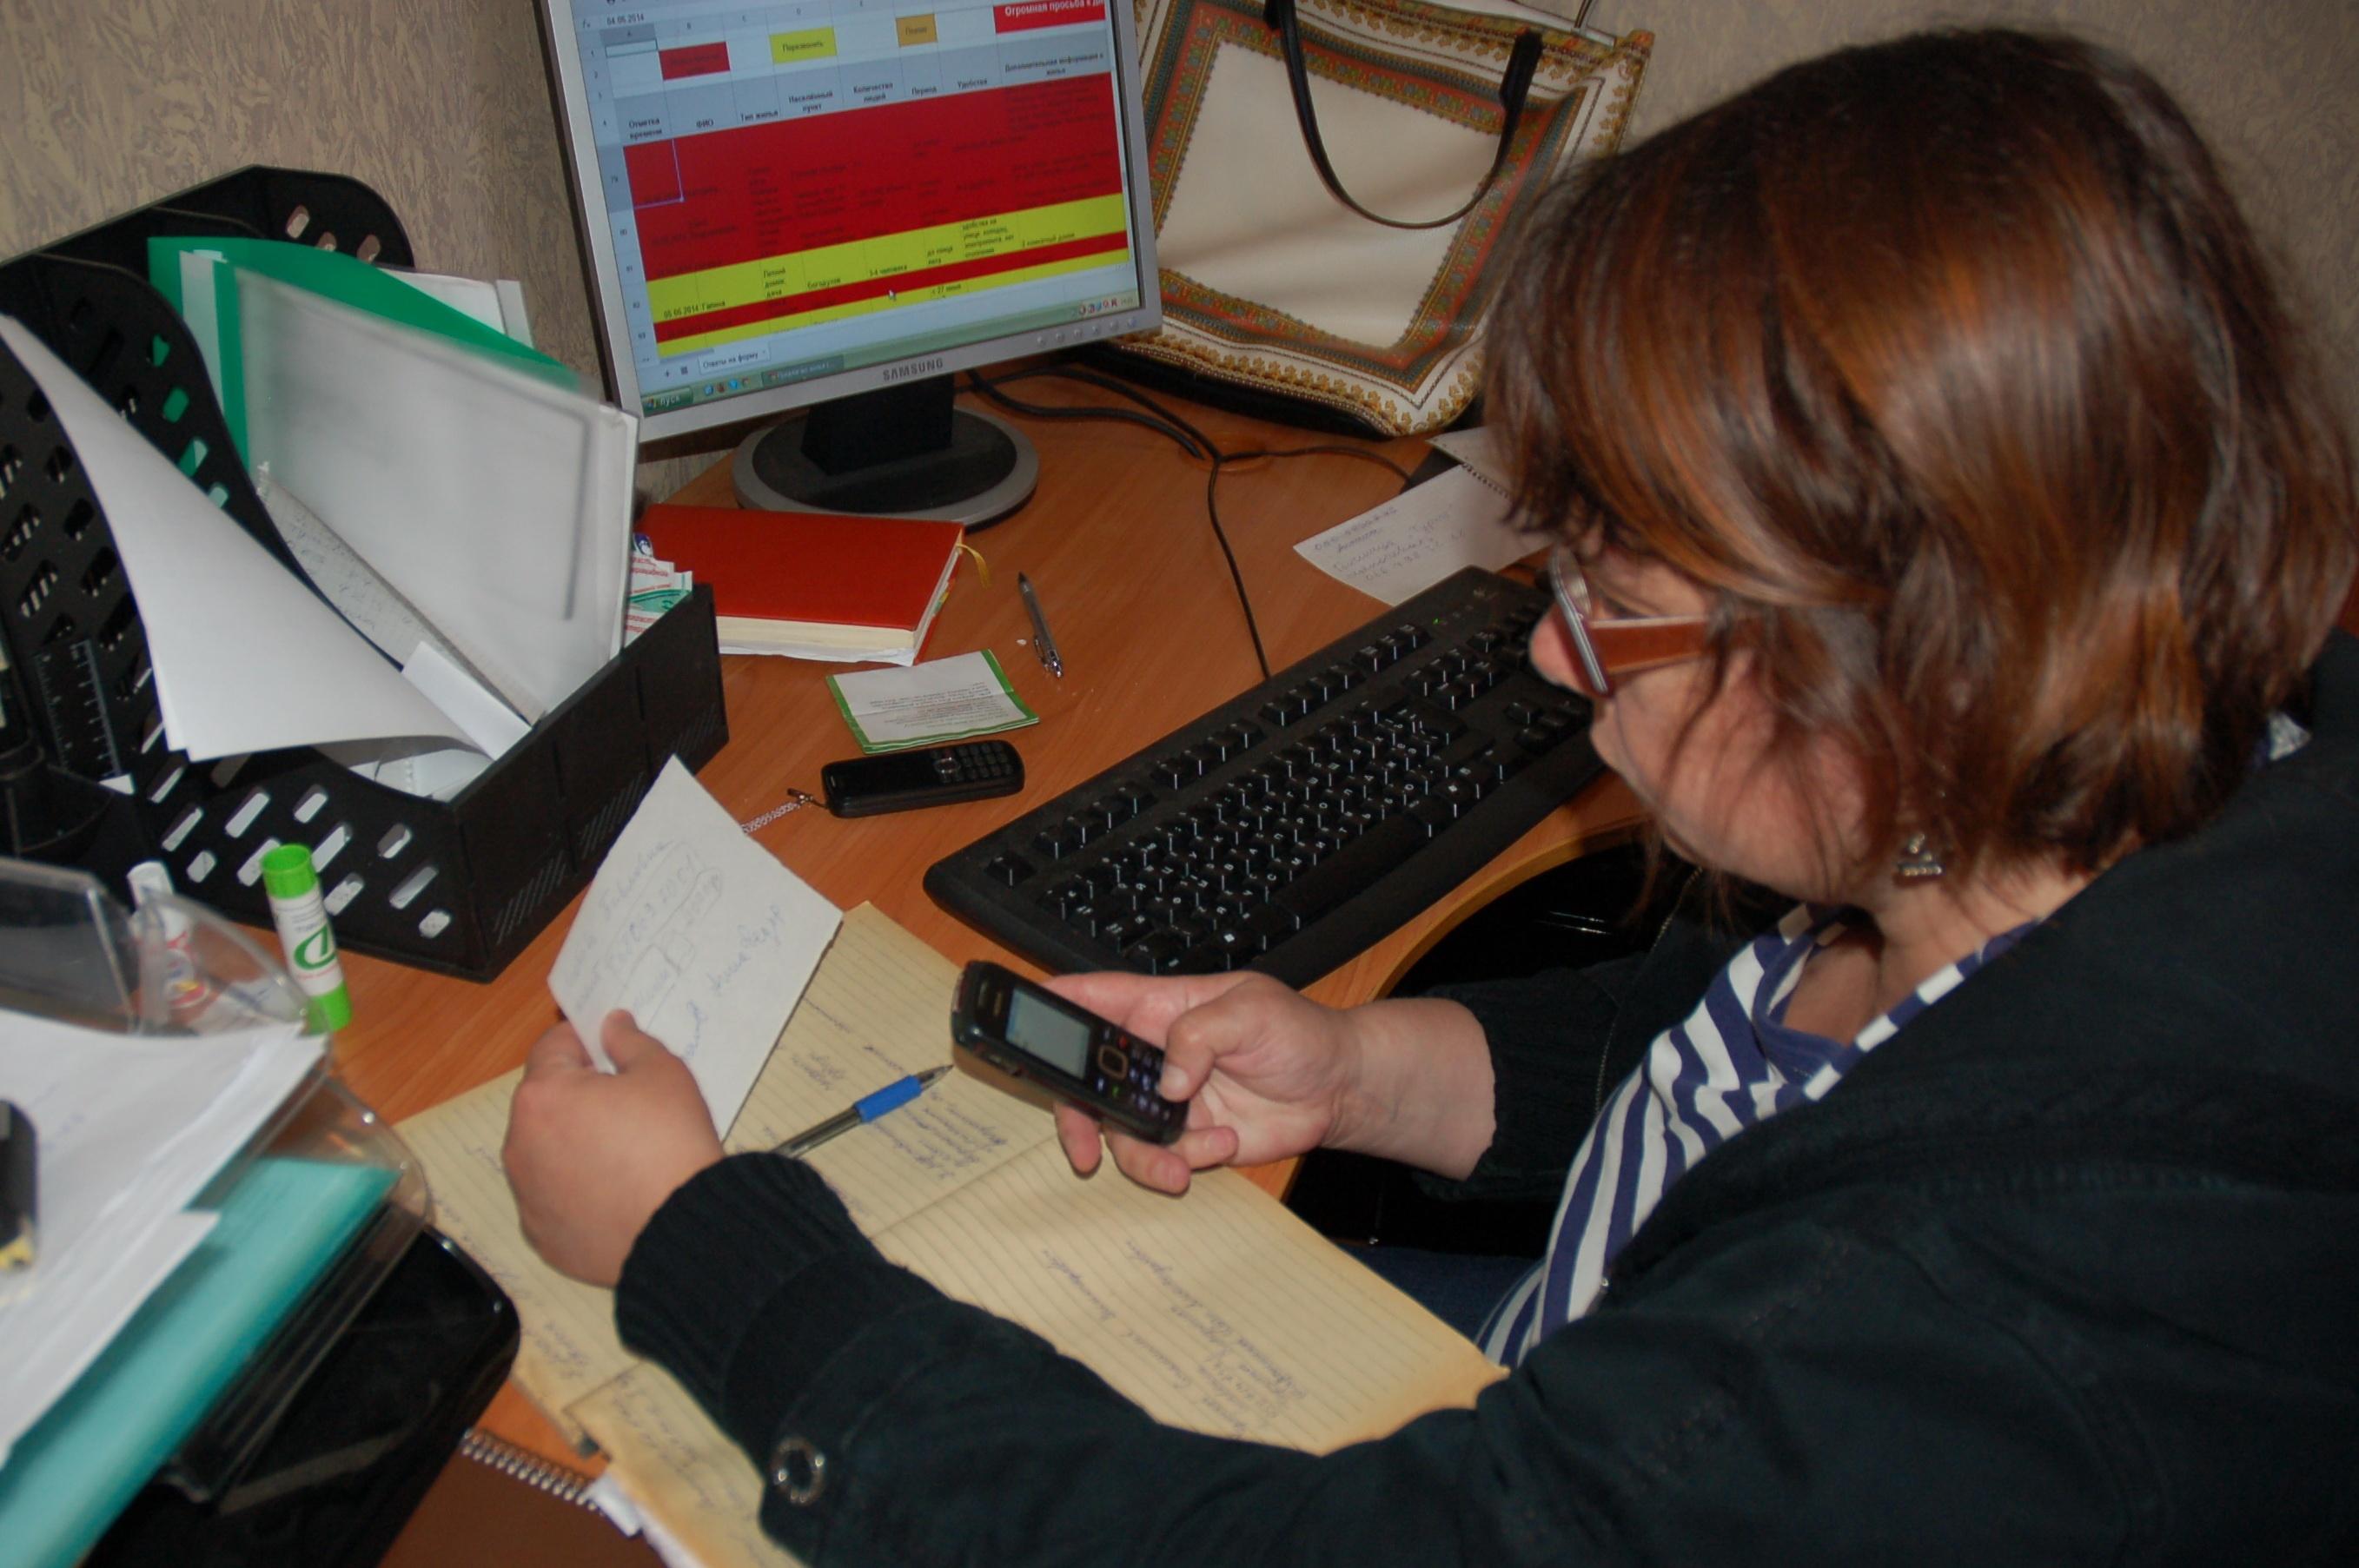 Волонтер Инна Ачкасова ежедневно решает десятки чужих проблем: находит людям дом и работу